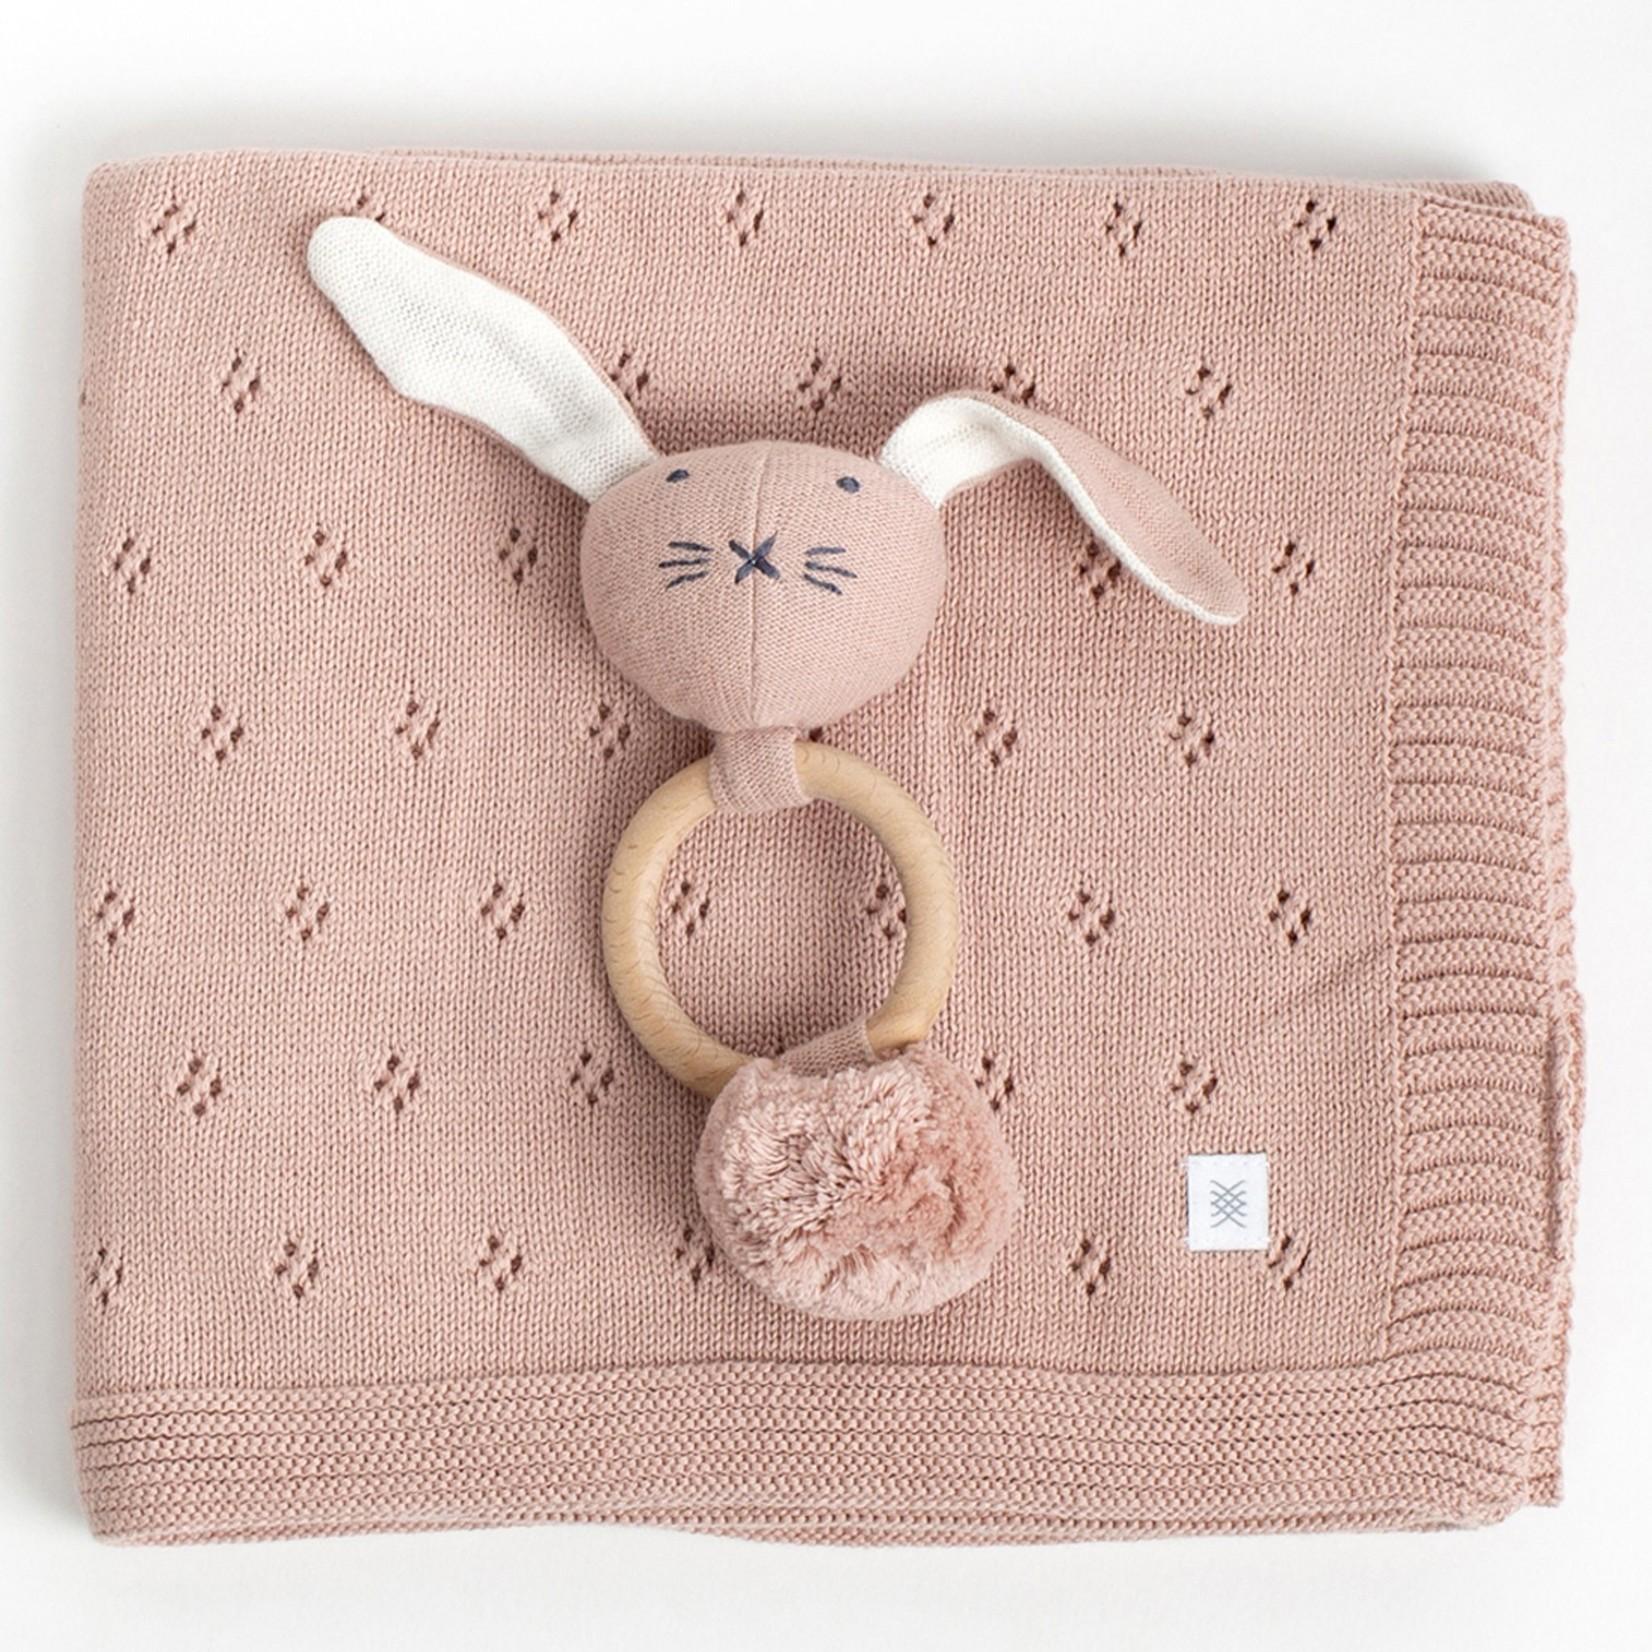 Zestt Organic Cotton Clover Knit Baby Gift Set